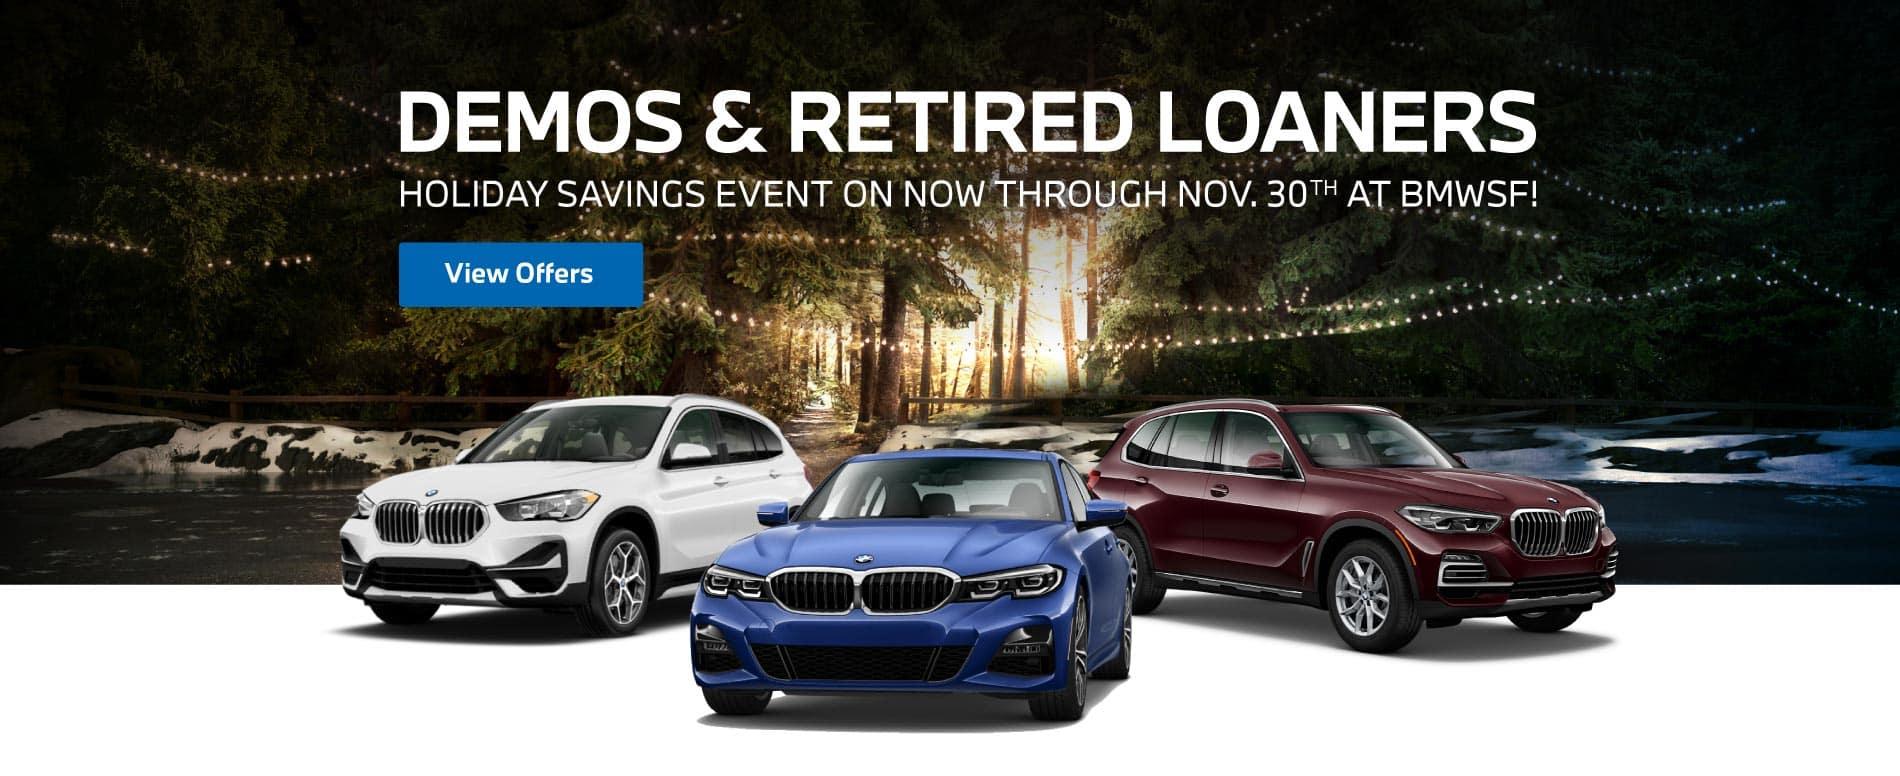 2020-11_Demos-Loaners